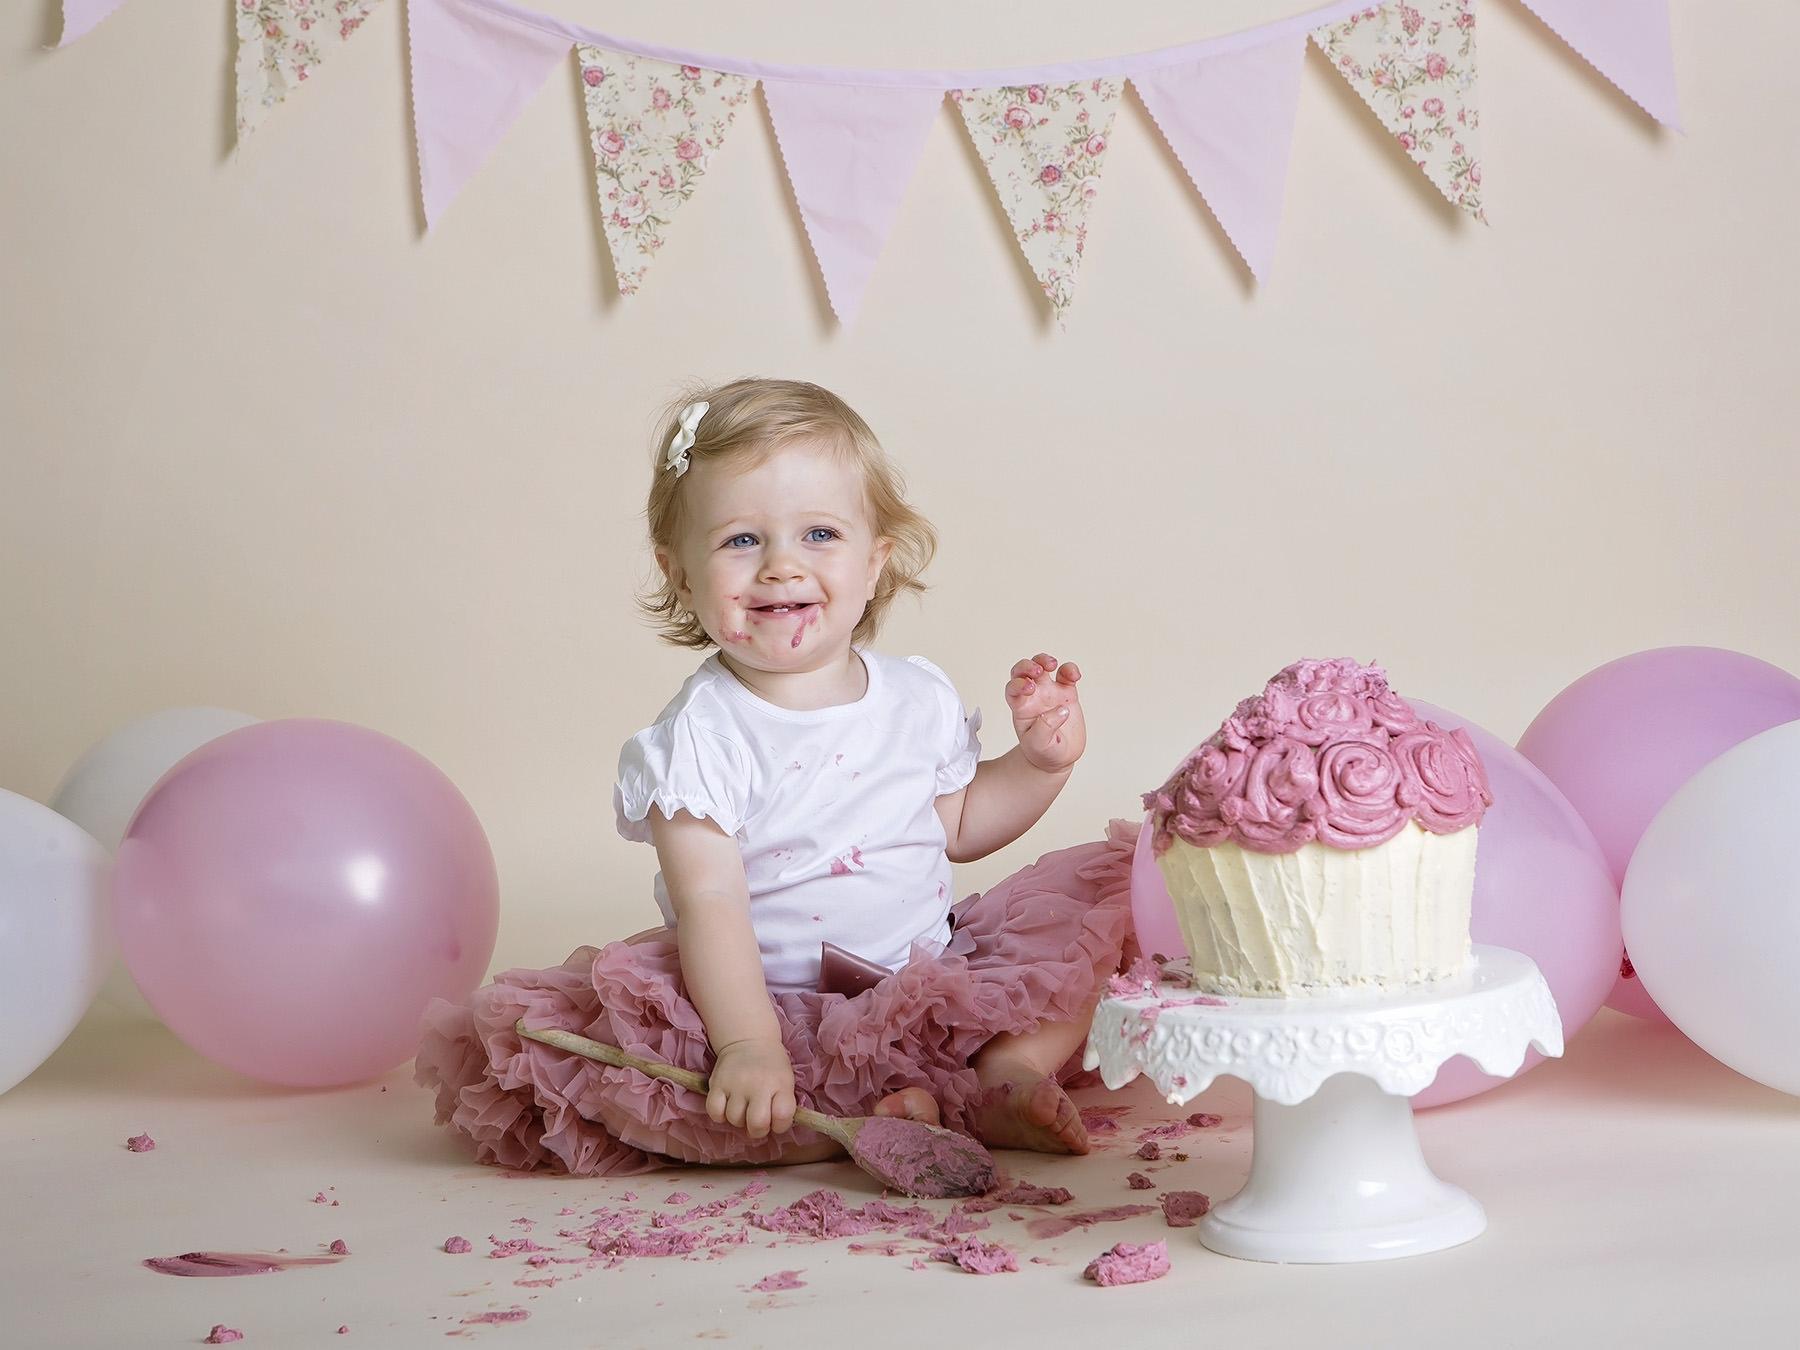 Cake smash photographer Hampshire